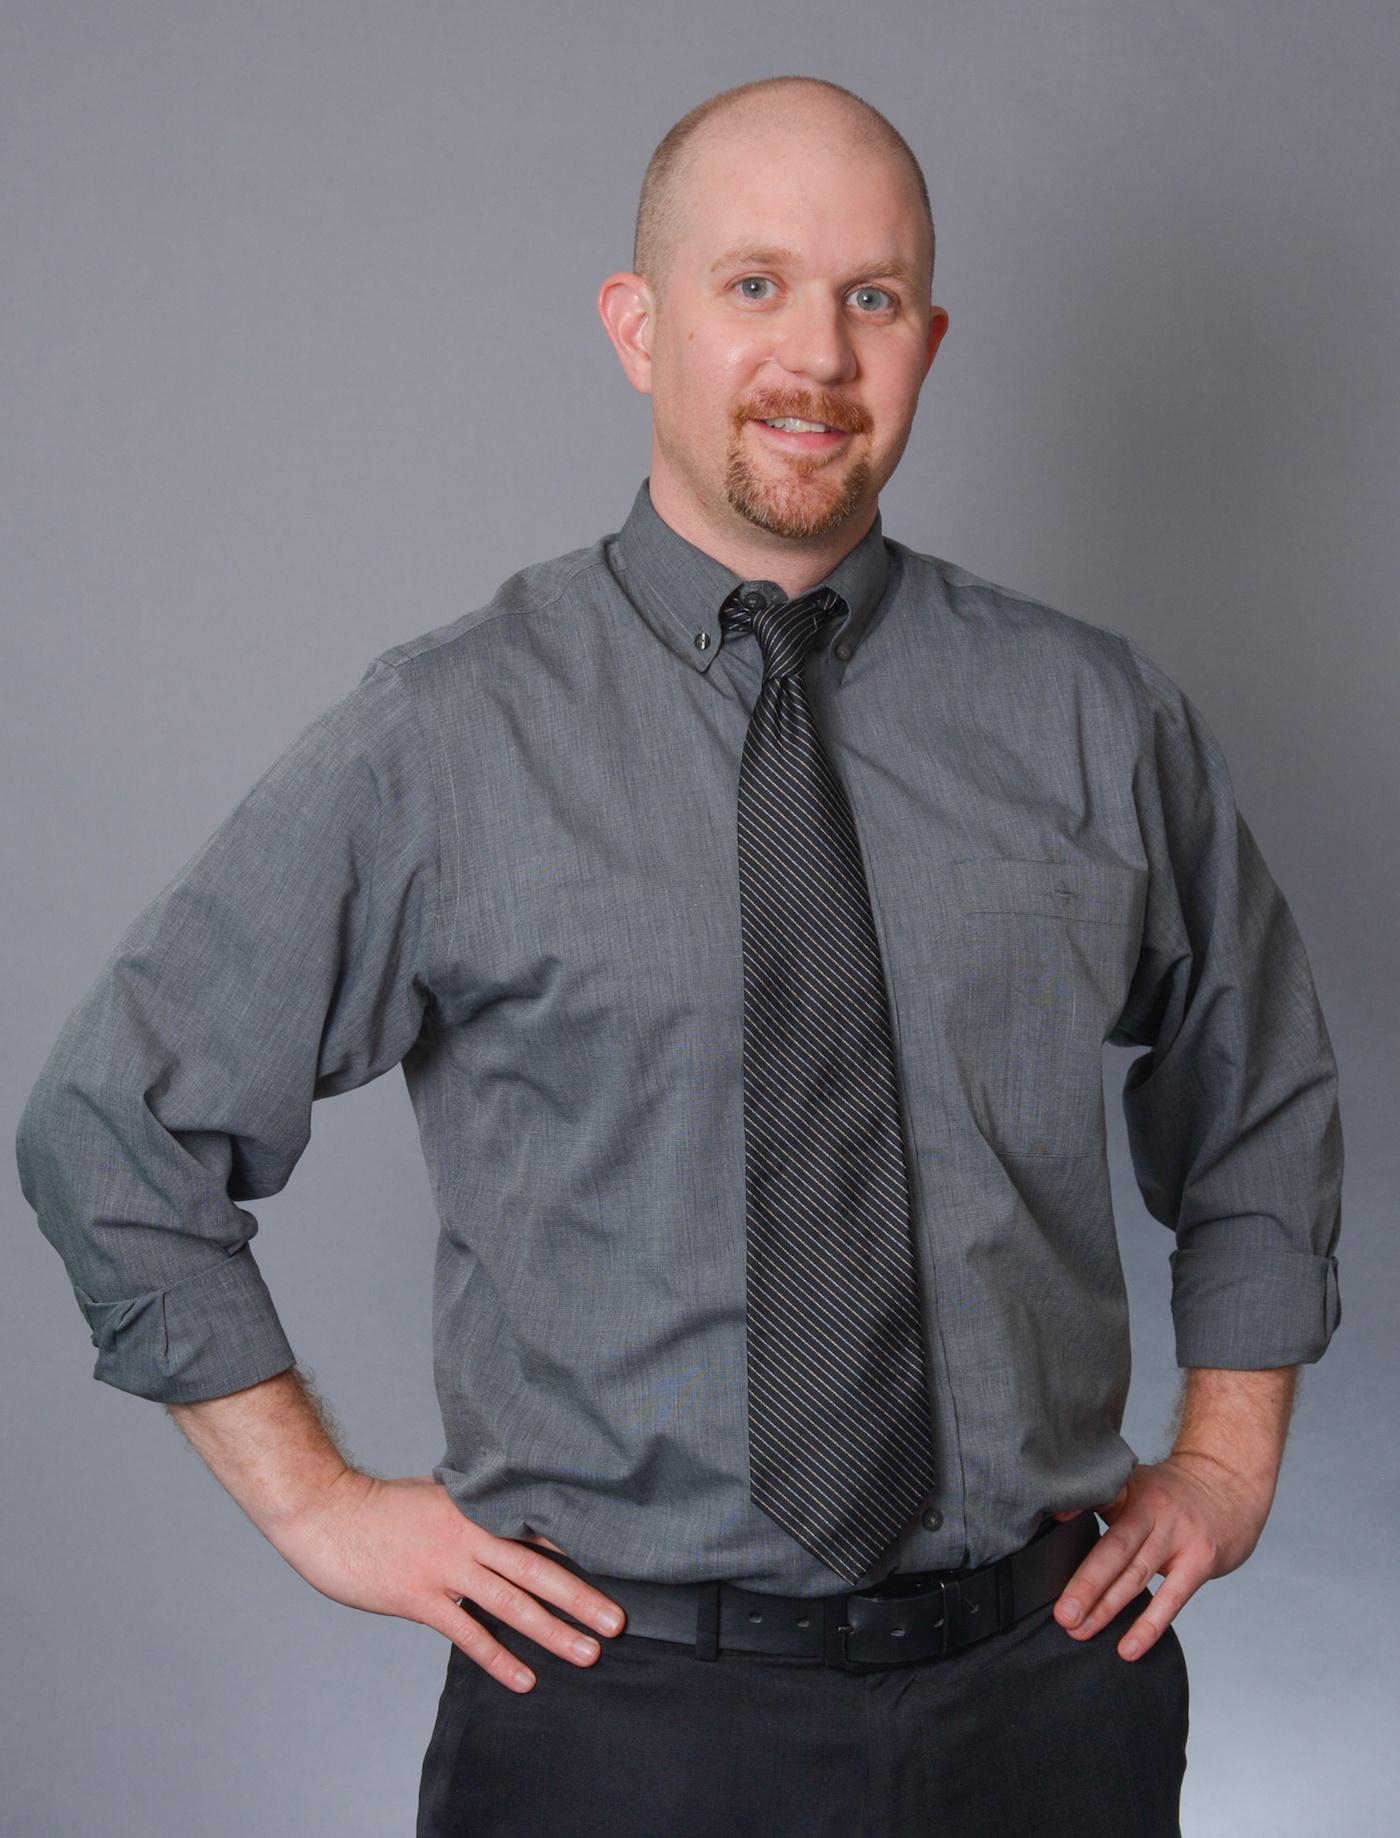 Phil Lohmeyer